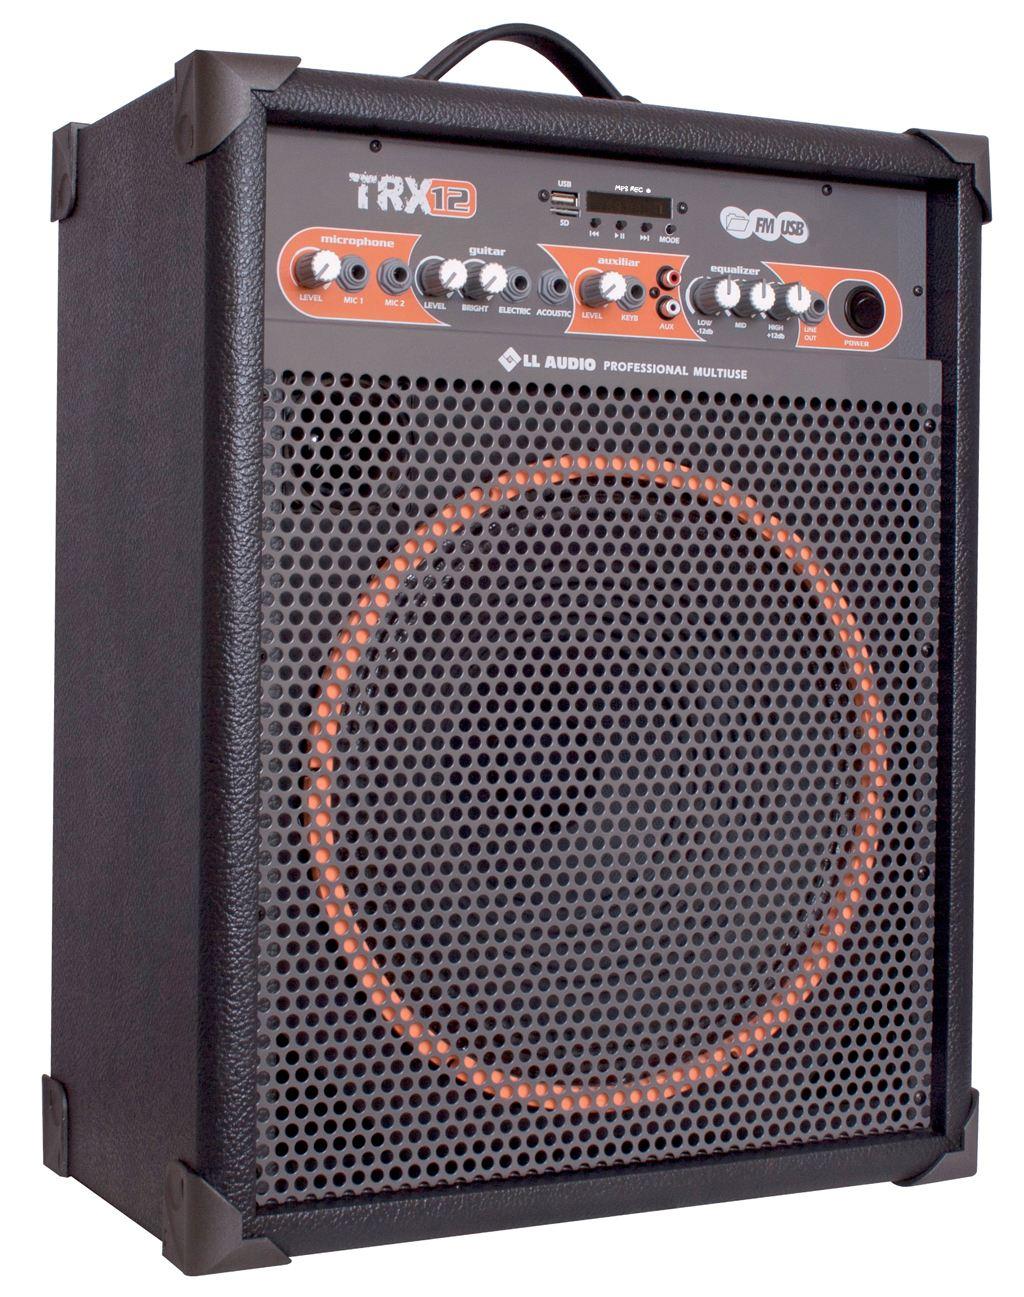 Caixa De Som Amplificada Multiuso LL Audio Trx 12 – 80 W Rms  - TranSom Áudio e Música